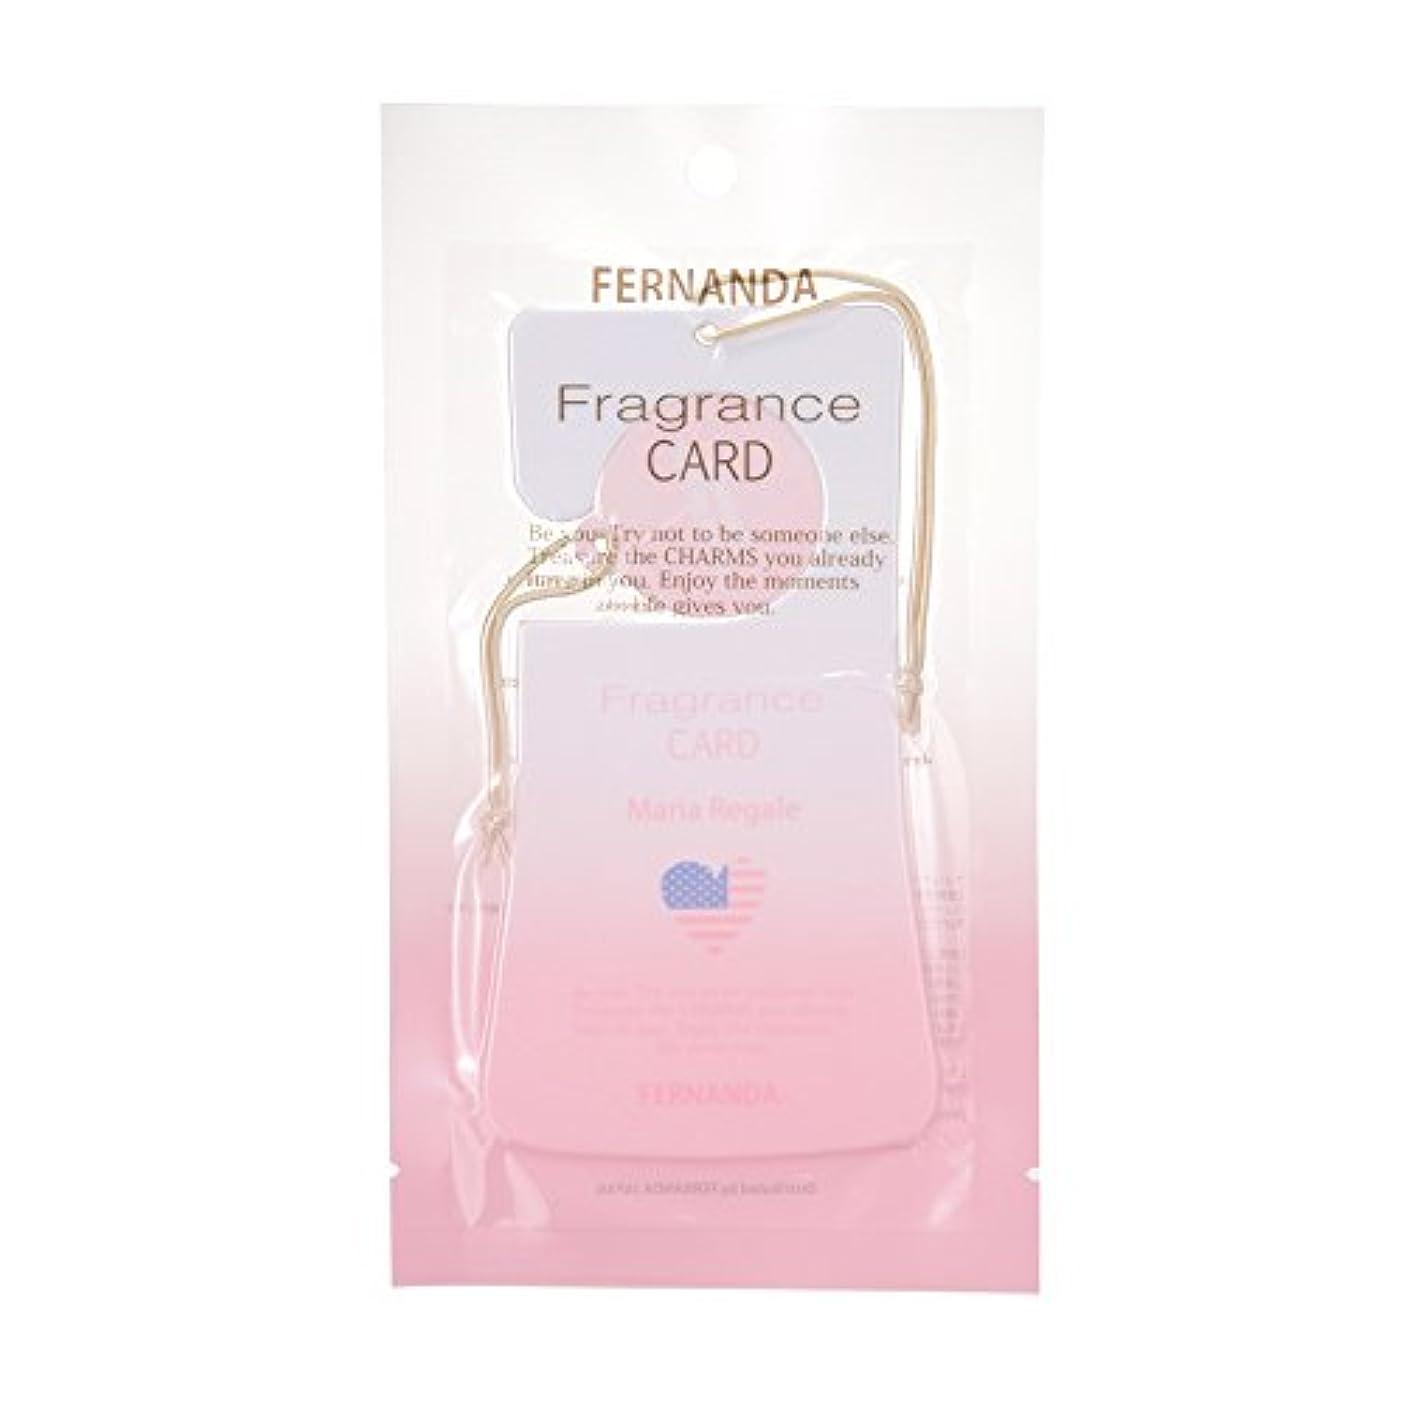 検索分数栄光FERNANDA(フェルナンダ) Fragrance Card Maria Regale (フレグランスカード マリアリゲル)